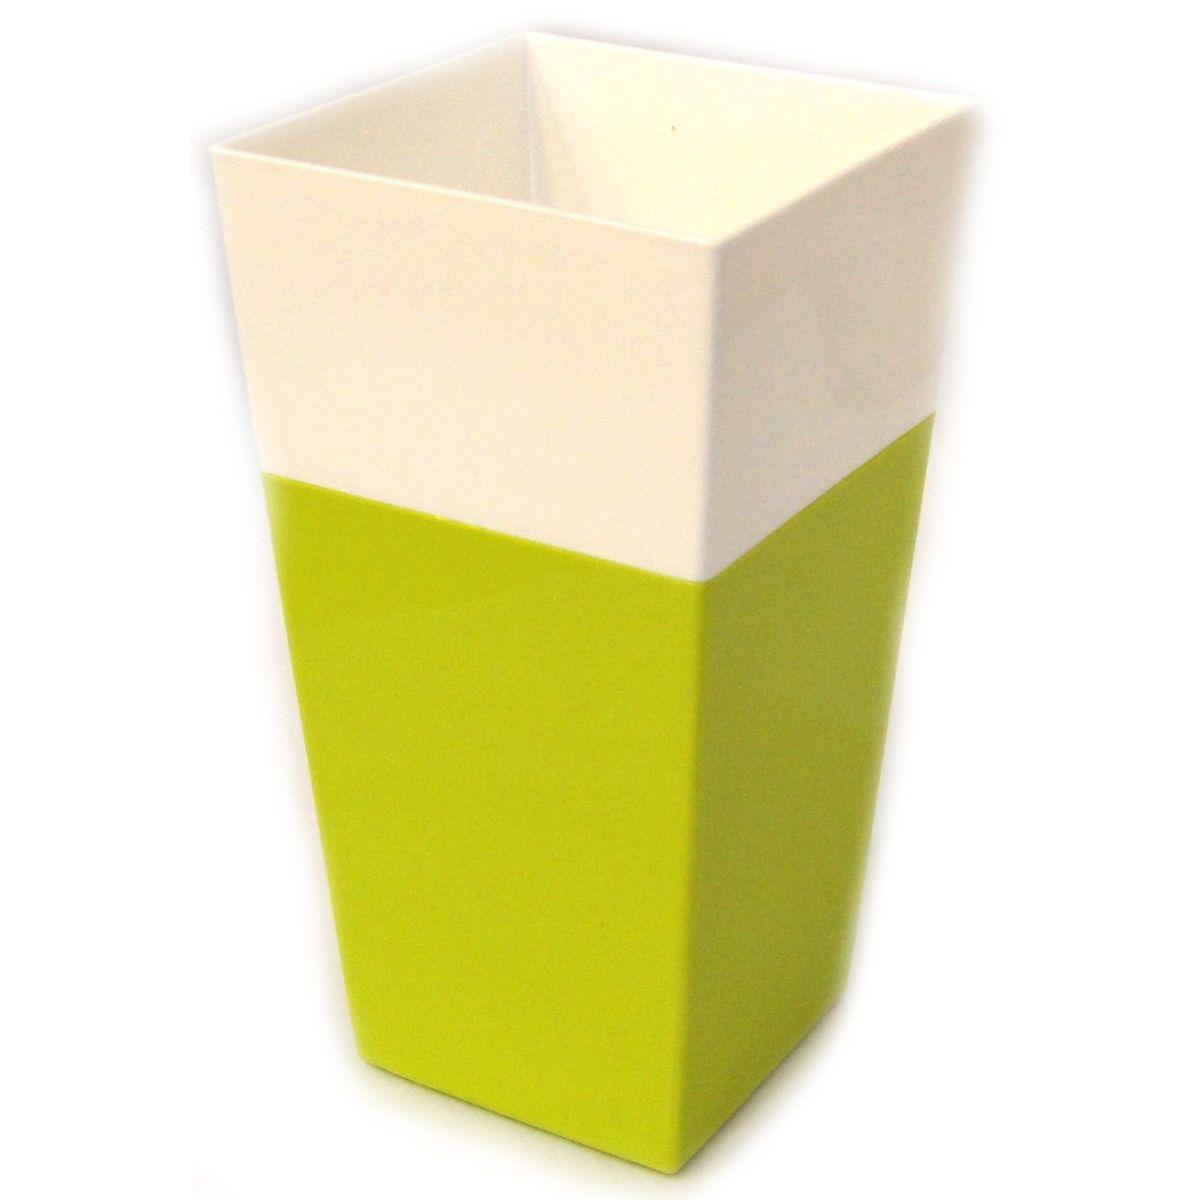 Кашпо JetPlast Дуэт, цвет: фисташковый, белый, высота 34 см4612754052660Кашпо имеет строгий дизайн и состоит из двух частей: верхней части для цветка и нижней – поддона. Конструкция горшка позволяет, при желании, использовать систему фитильного полива, снабдив горшок веревкой. Оно изготовлено из прочного полипропилена (пластика).Размеры кашпо: 18 х 18 х 34 см.